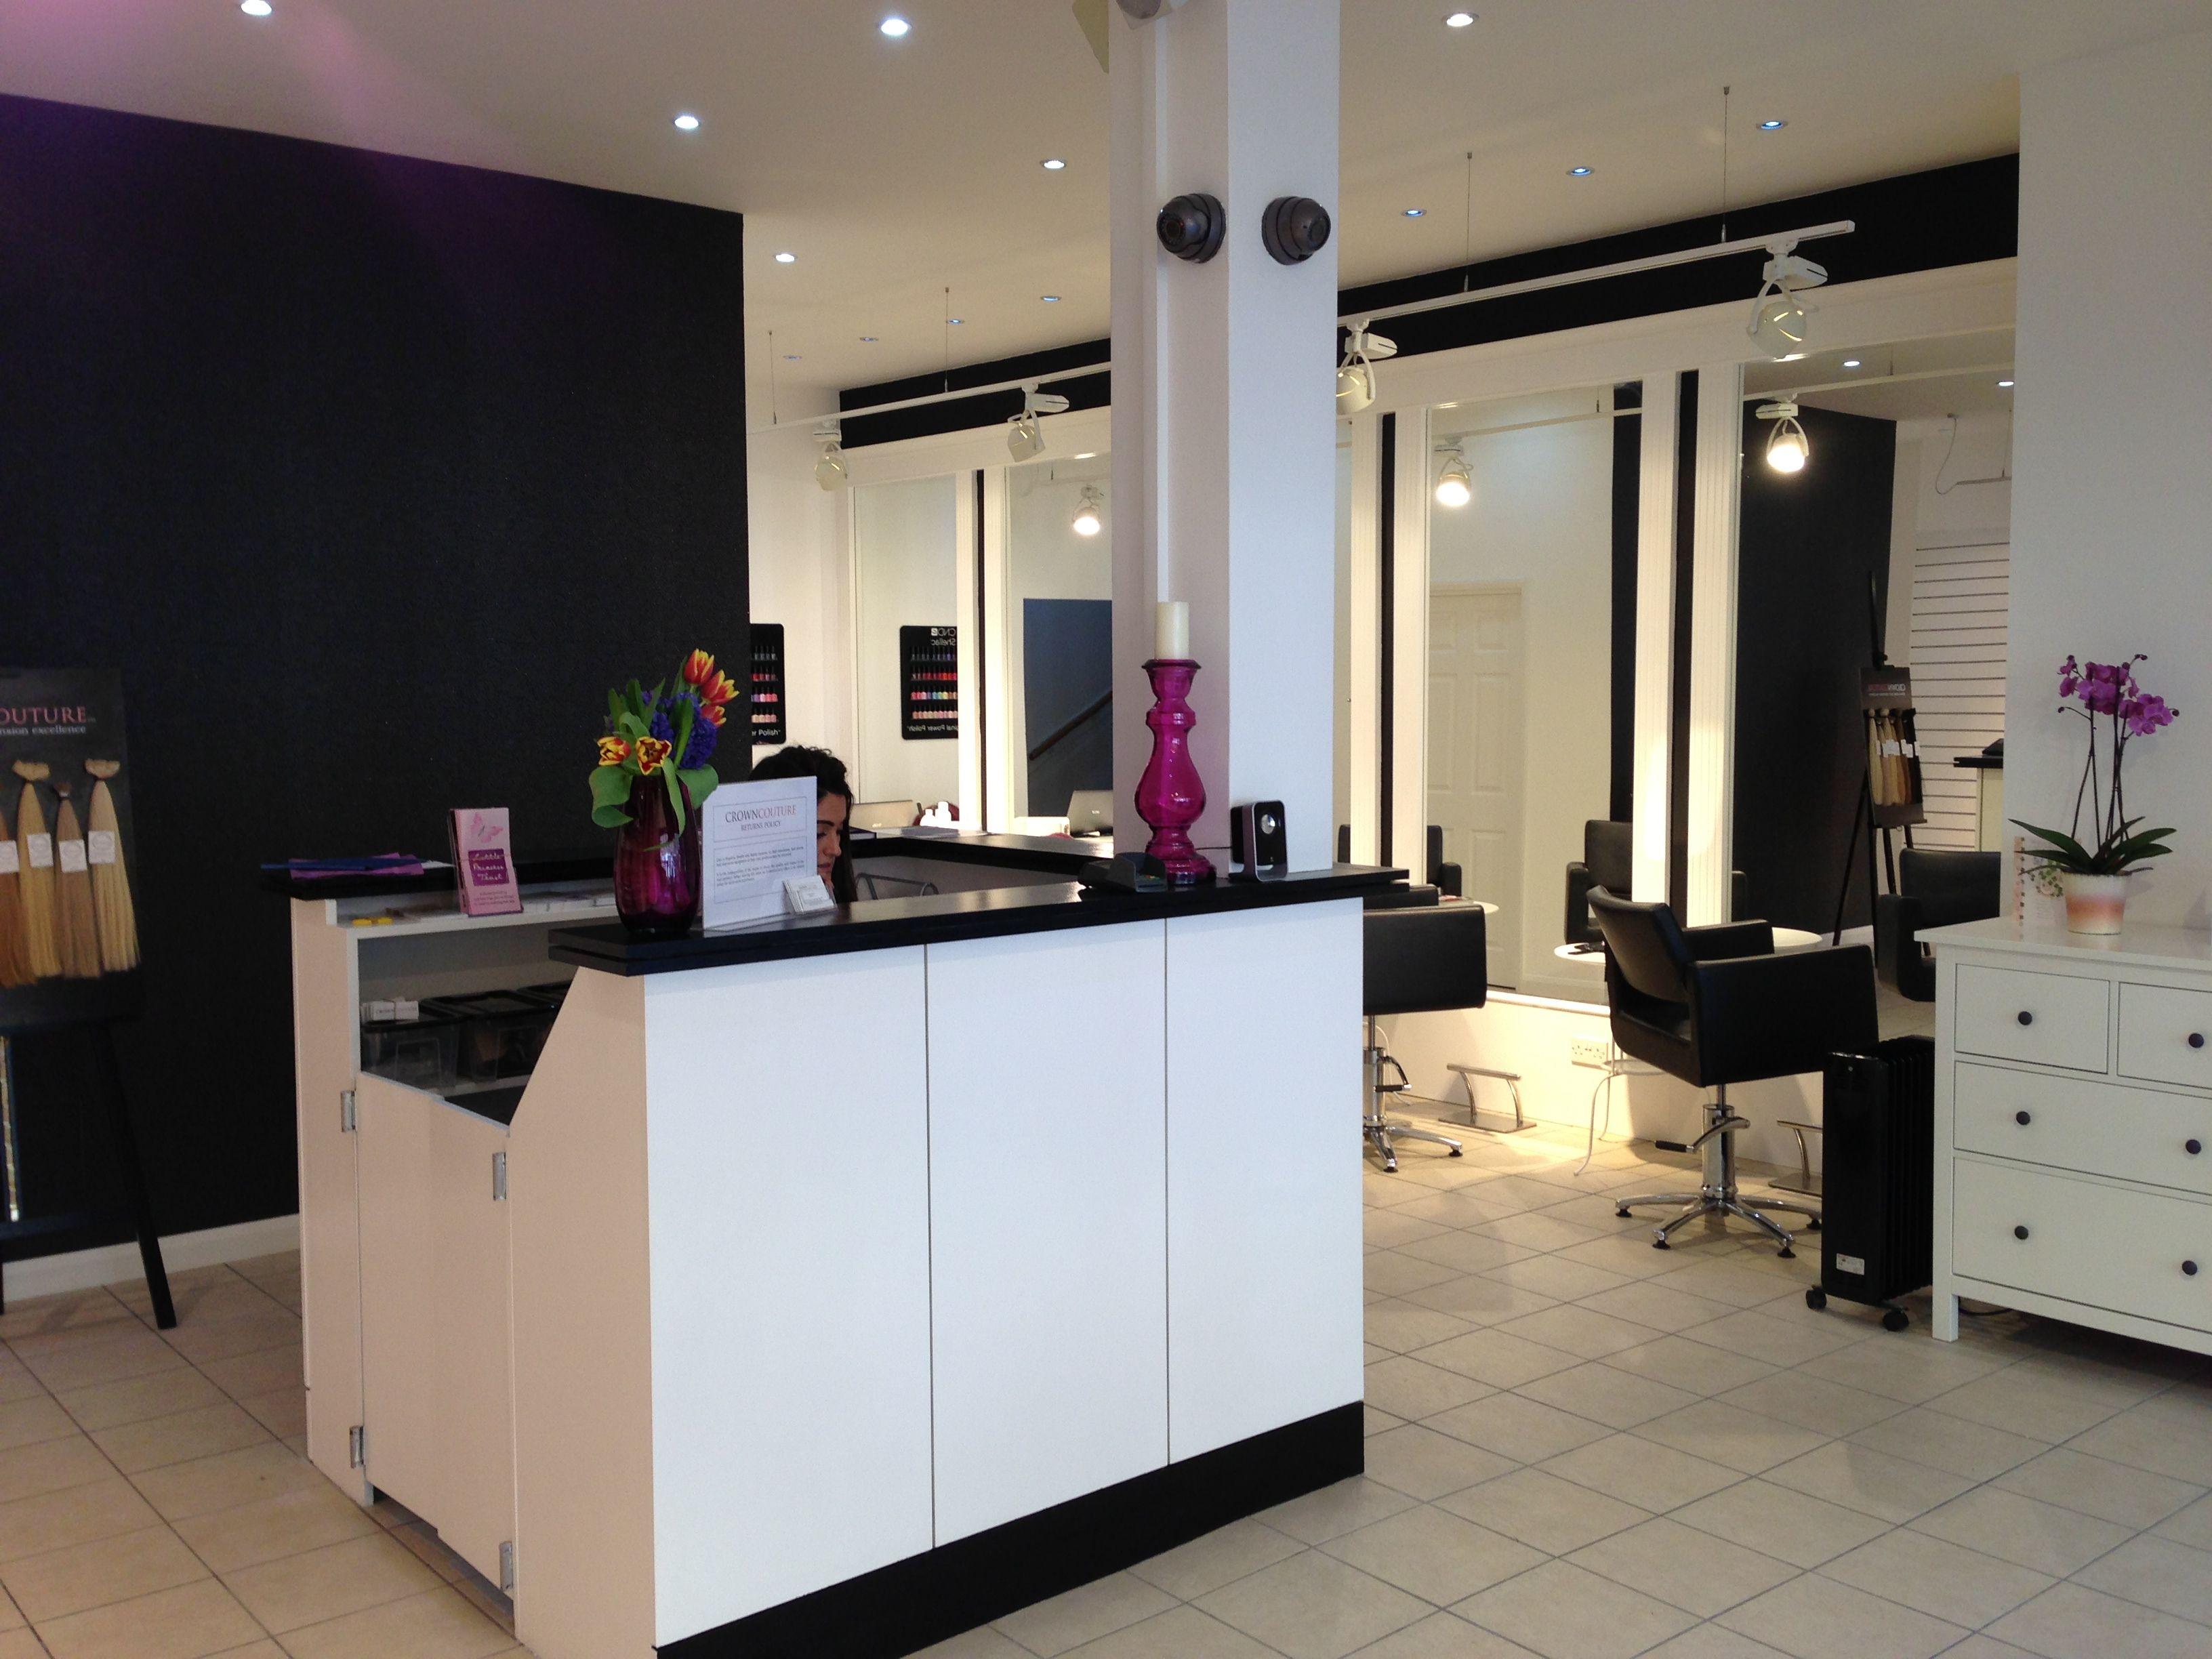 Crowncouture hair extension boutique home decor decor